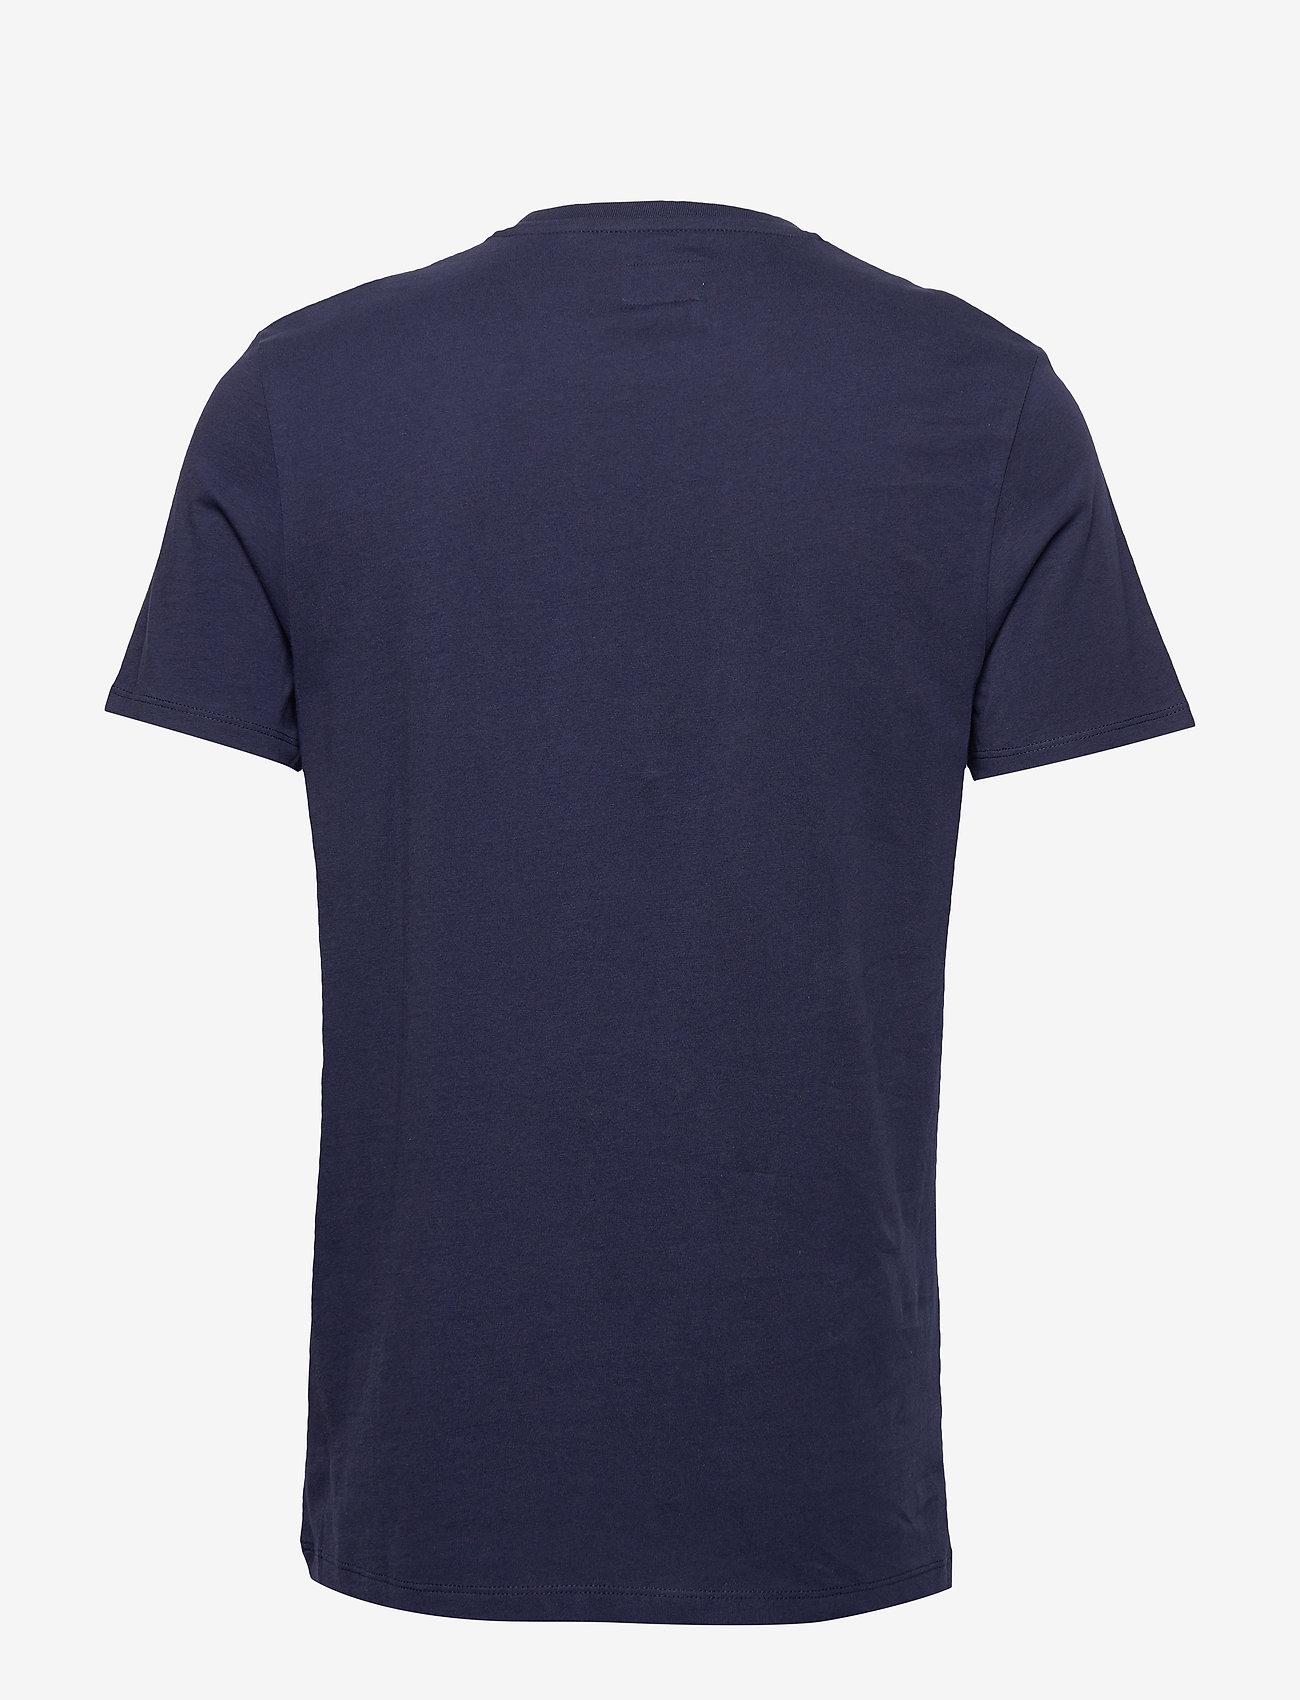 Wrangler SS LOGO TEE - T-skjorter NAVY - Menn Klær